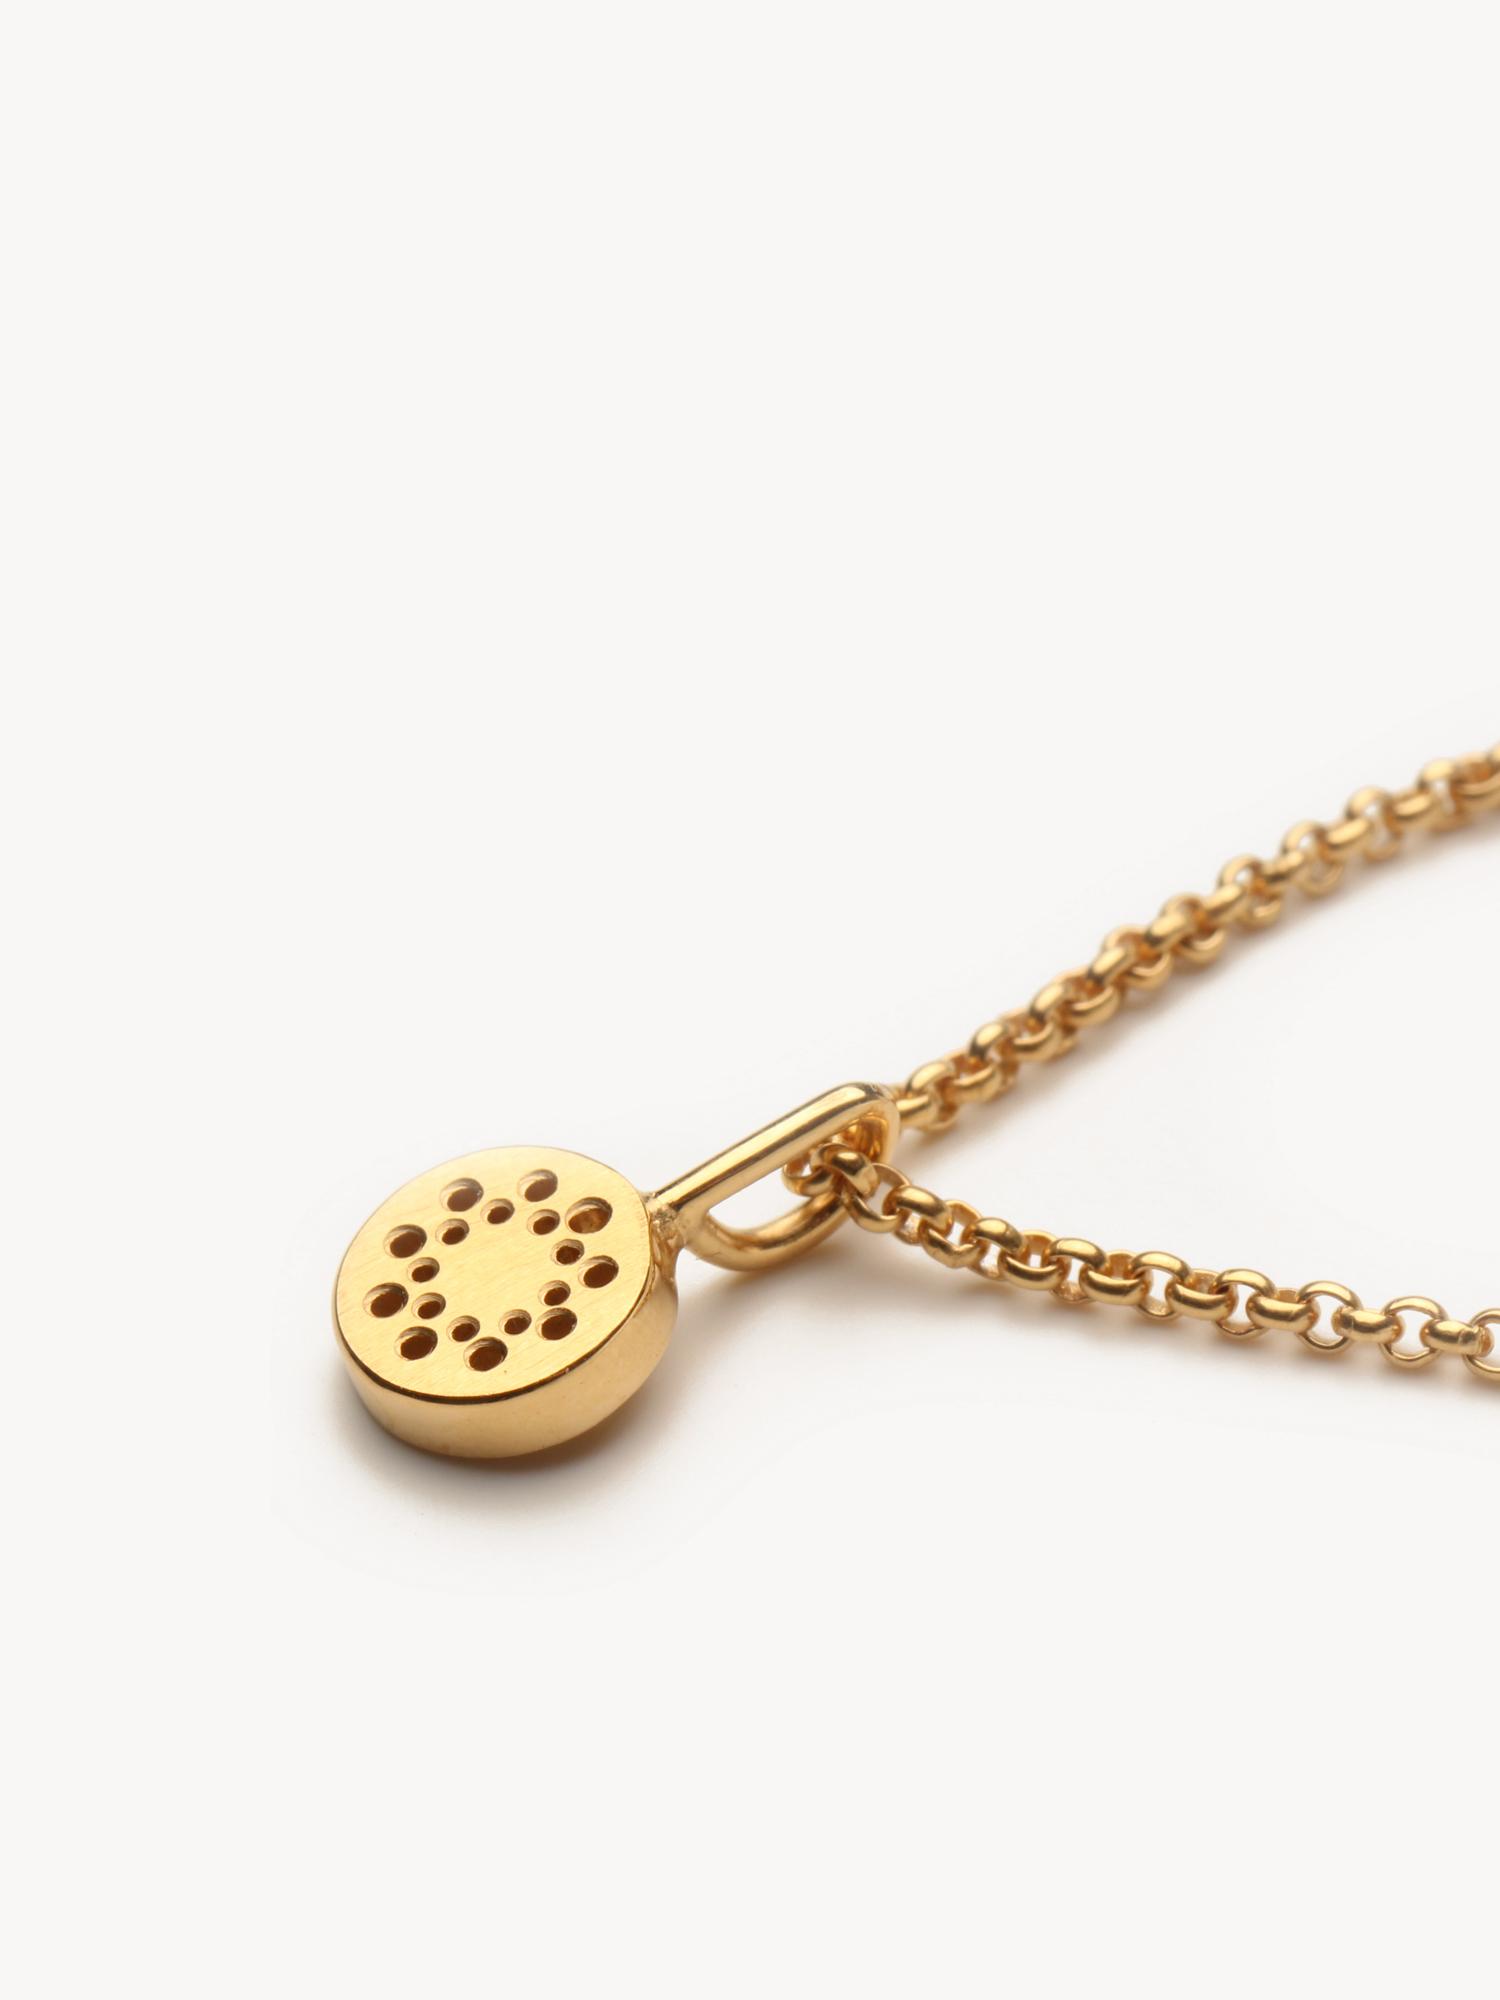 Lochwerk-Anhänger Petit in 585 Gelbgold  Lochwerk-pendant Petit in 14kt gold